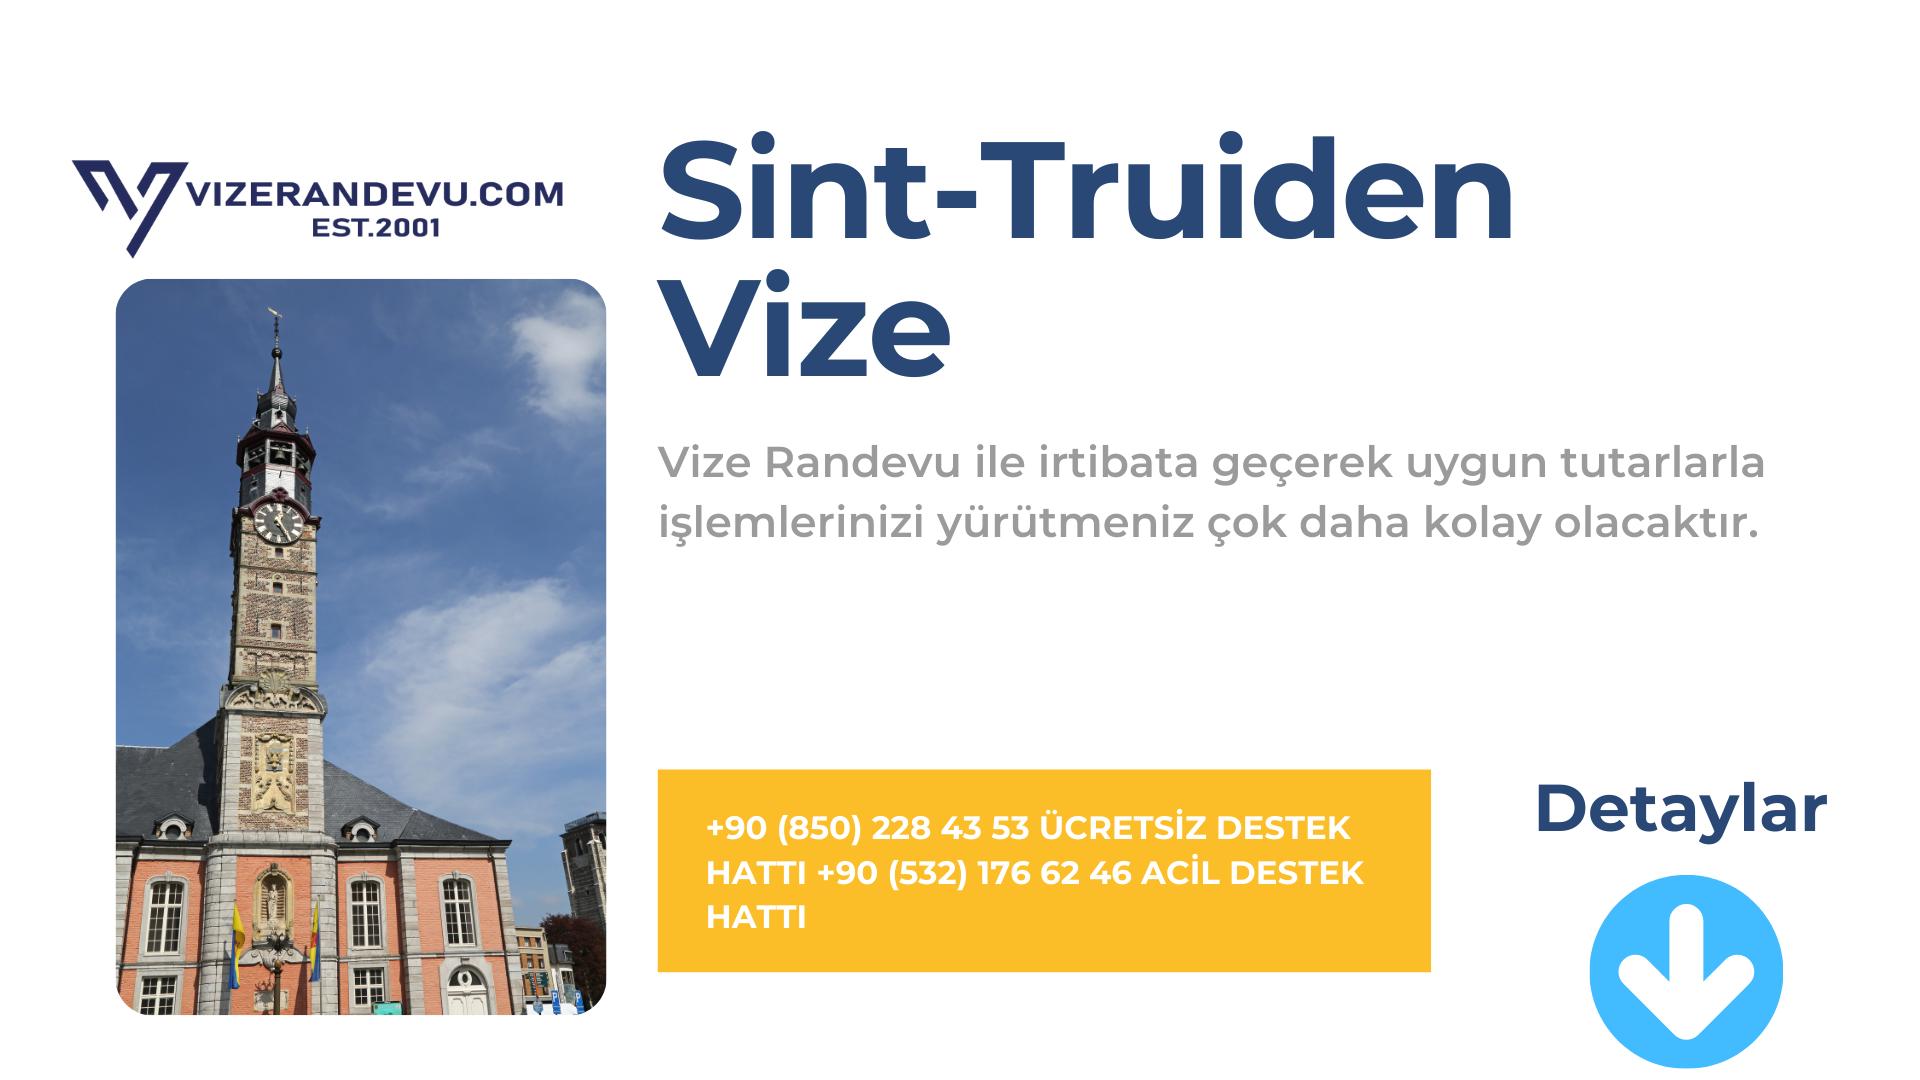 Sint-Truiden Vize